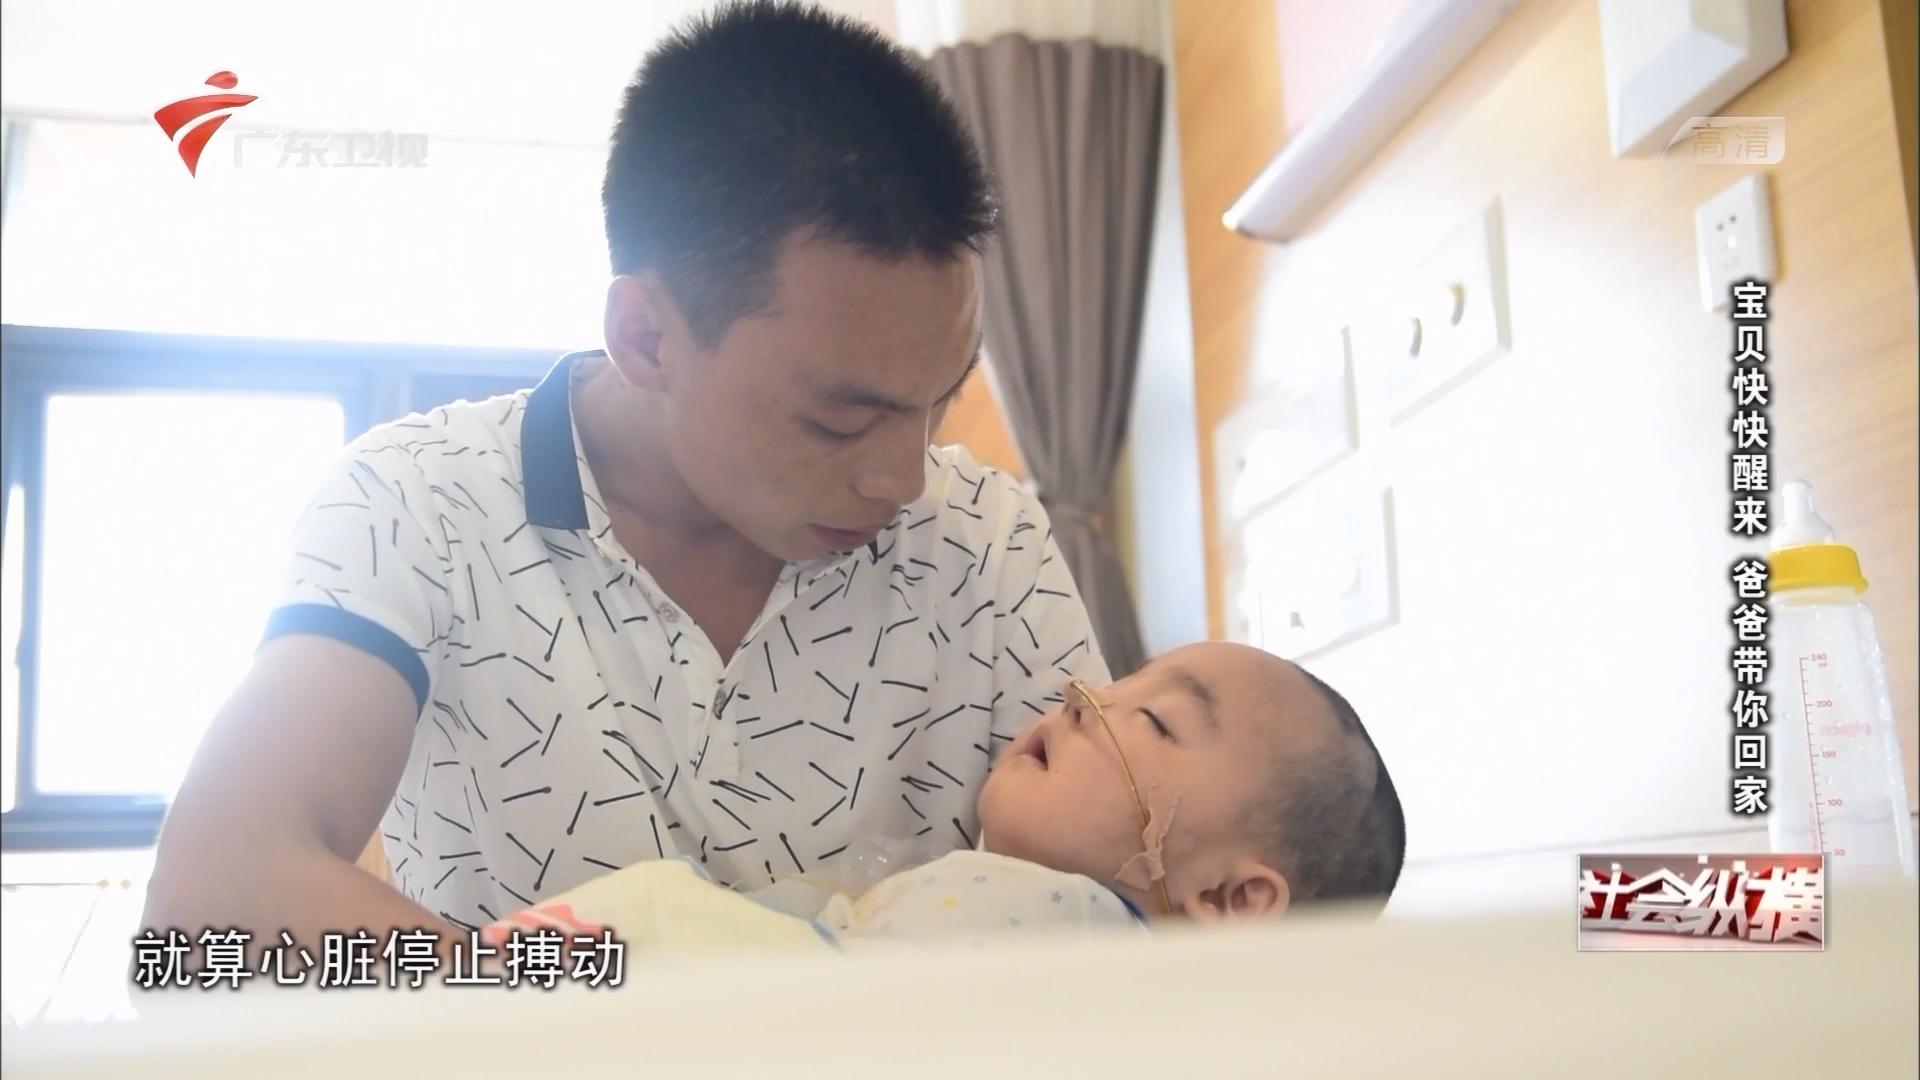 宝贝快快醒来 爸爸带你回家